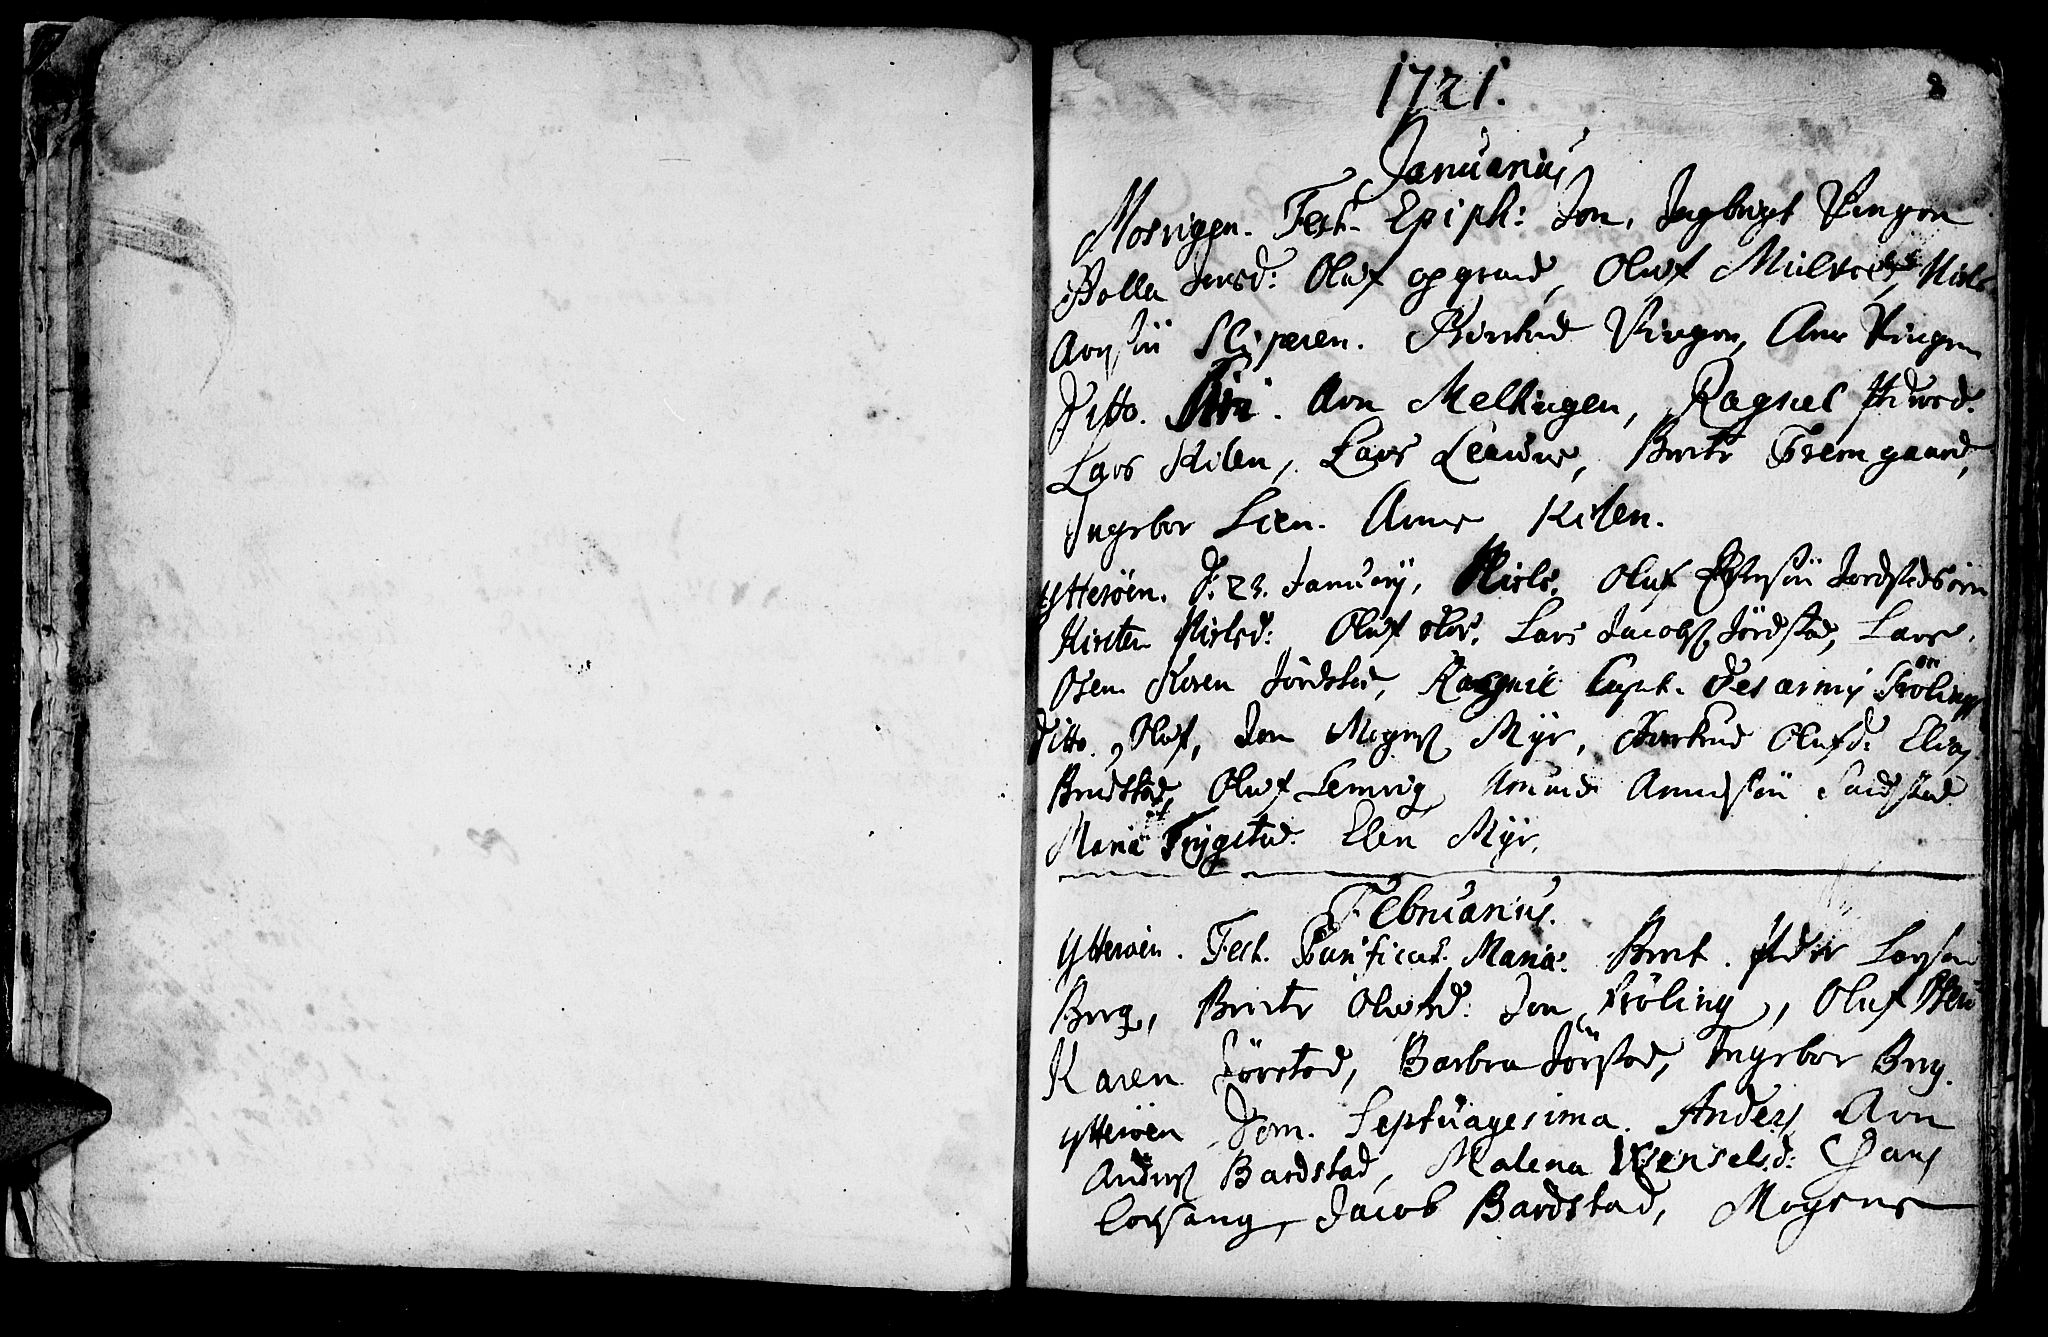 SAT, Ministerialprotokoller, klokkerbøker og fødselsregistre - Nord-Trøndelag, 722/L0215: Ministerialbok nr. 722A02, 1718-1755, s. 8